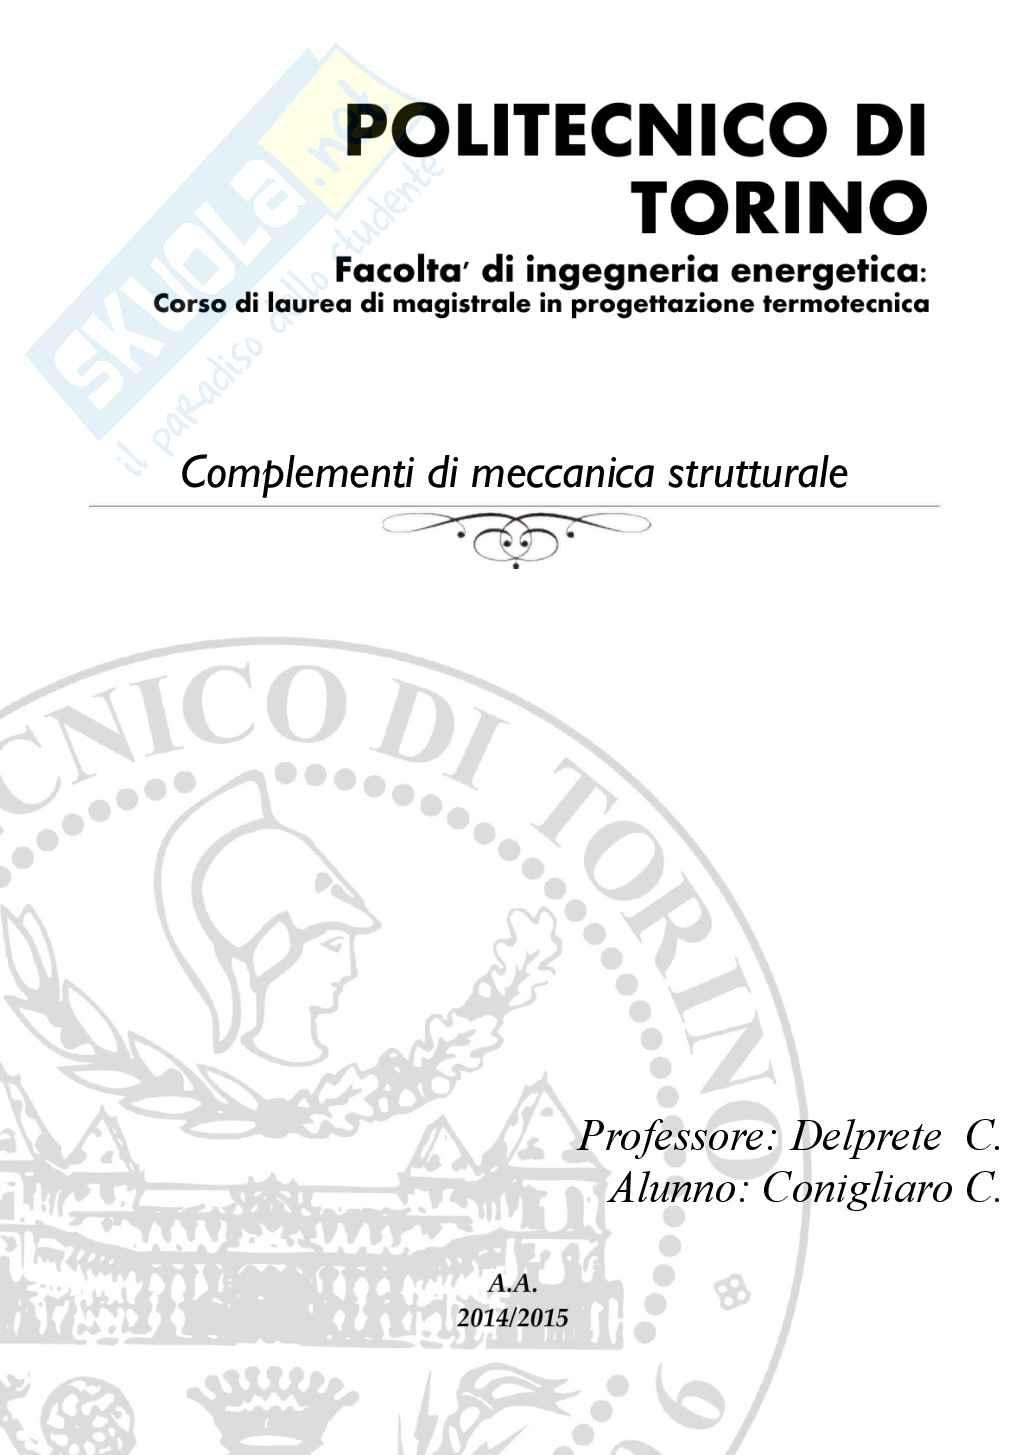 Lezioni ed esercitazioni: Appunti di Complementi di meccanica strutturale